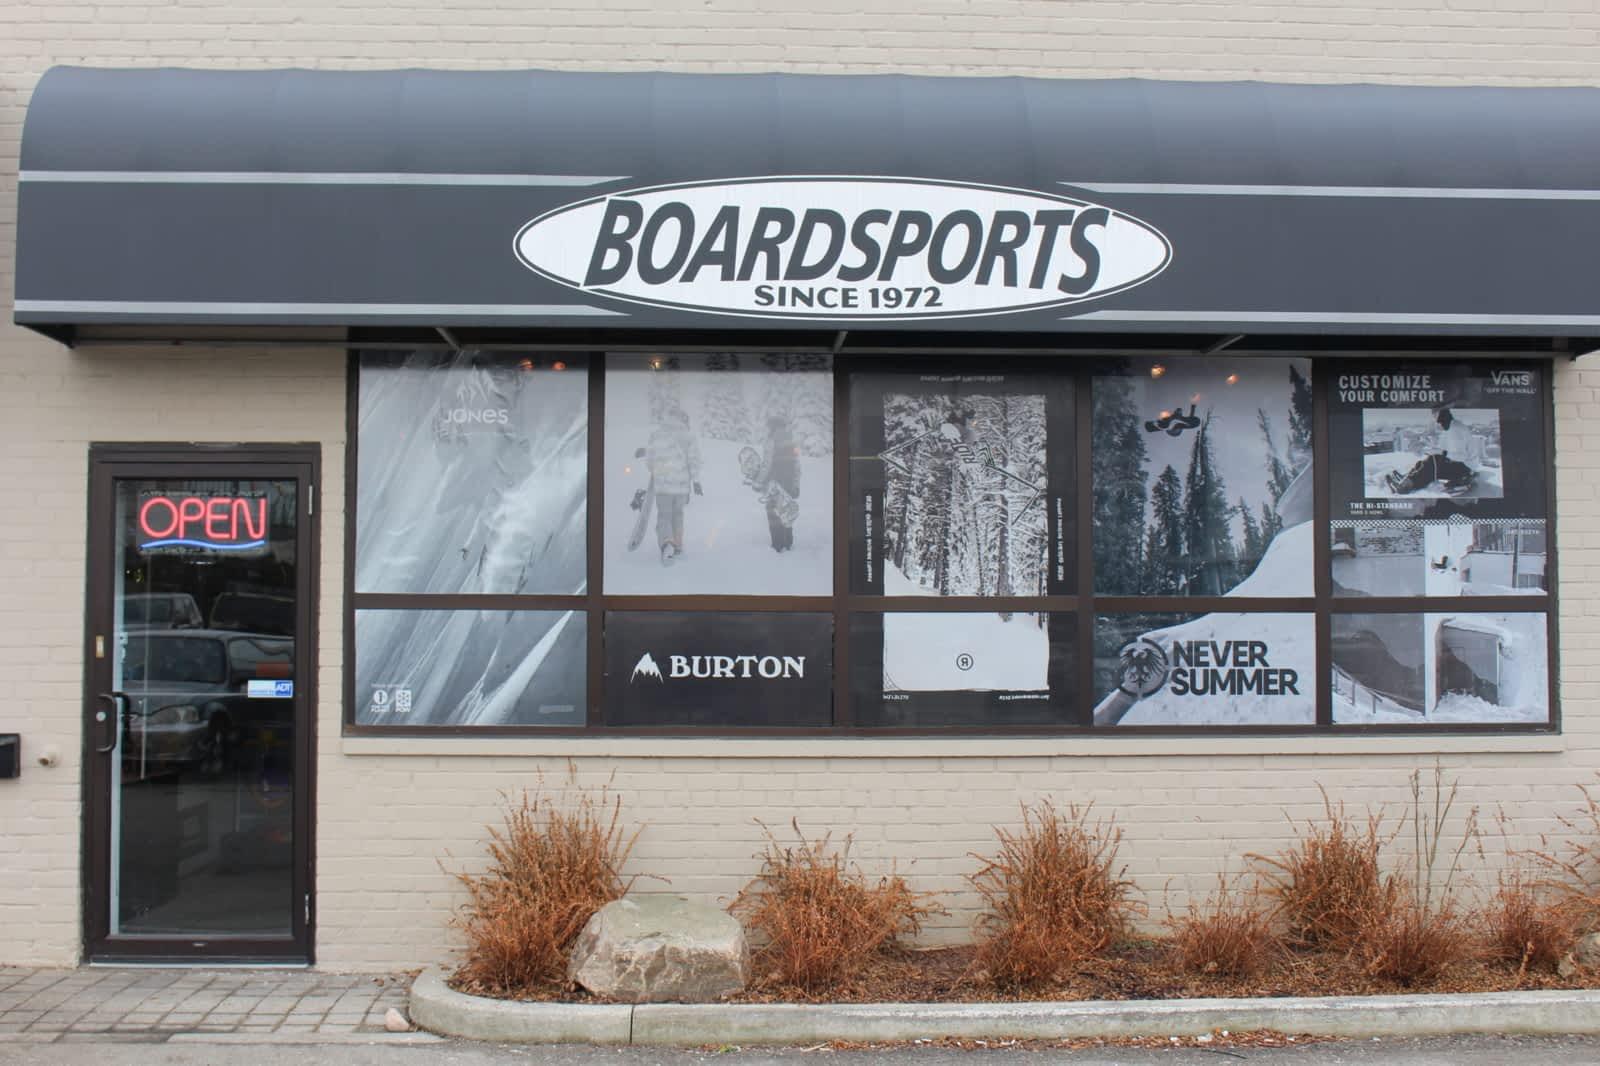 KIDS Boardsports Storefront in Leaside, Toronto